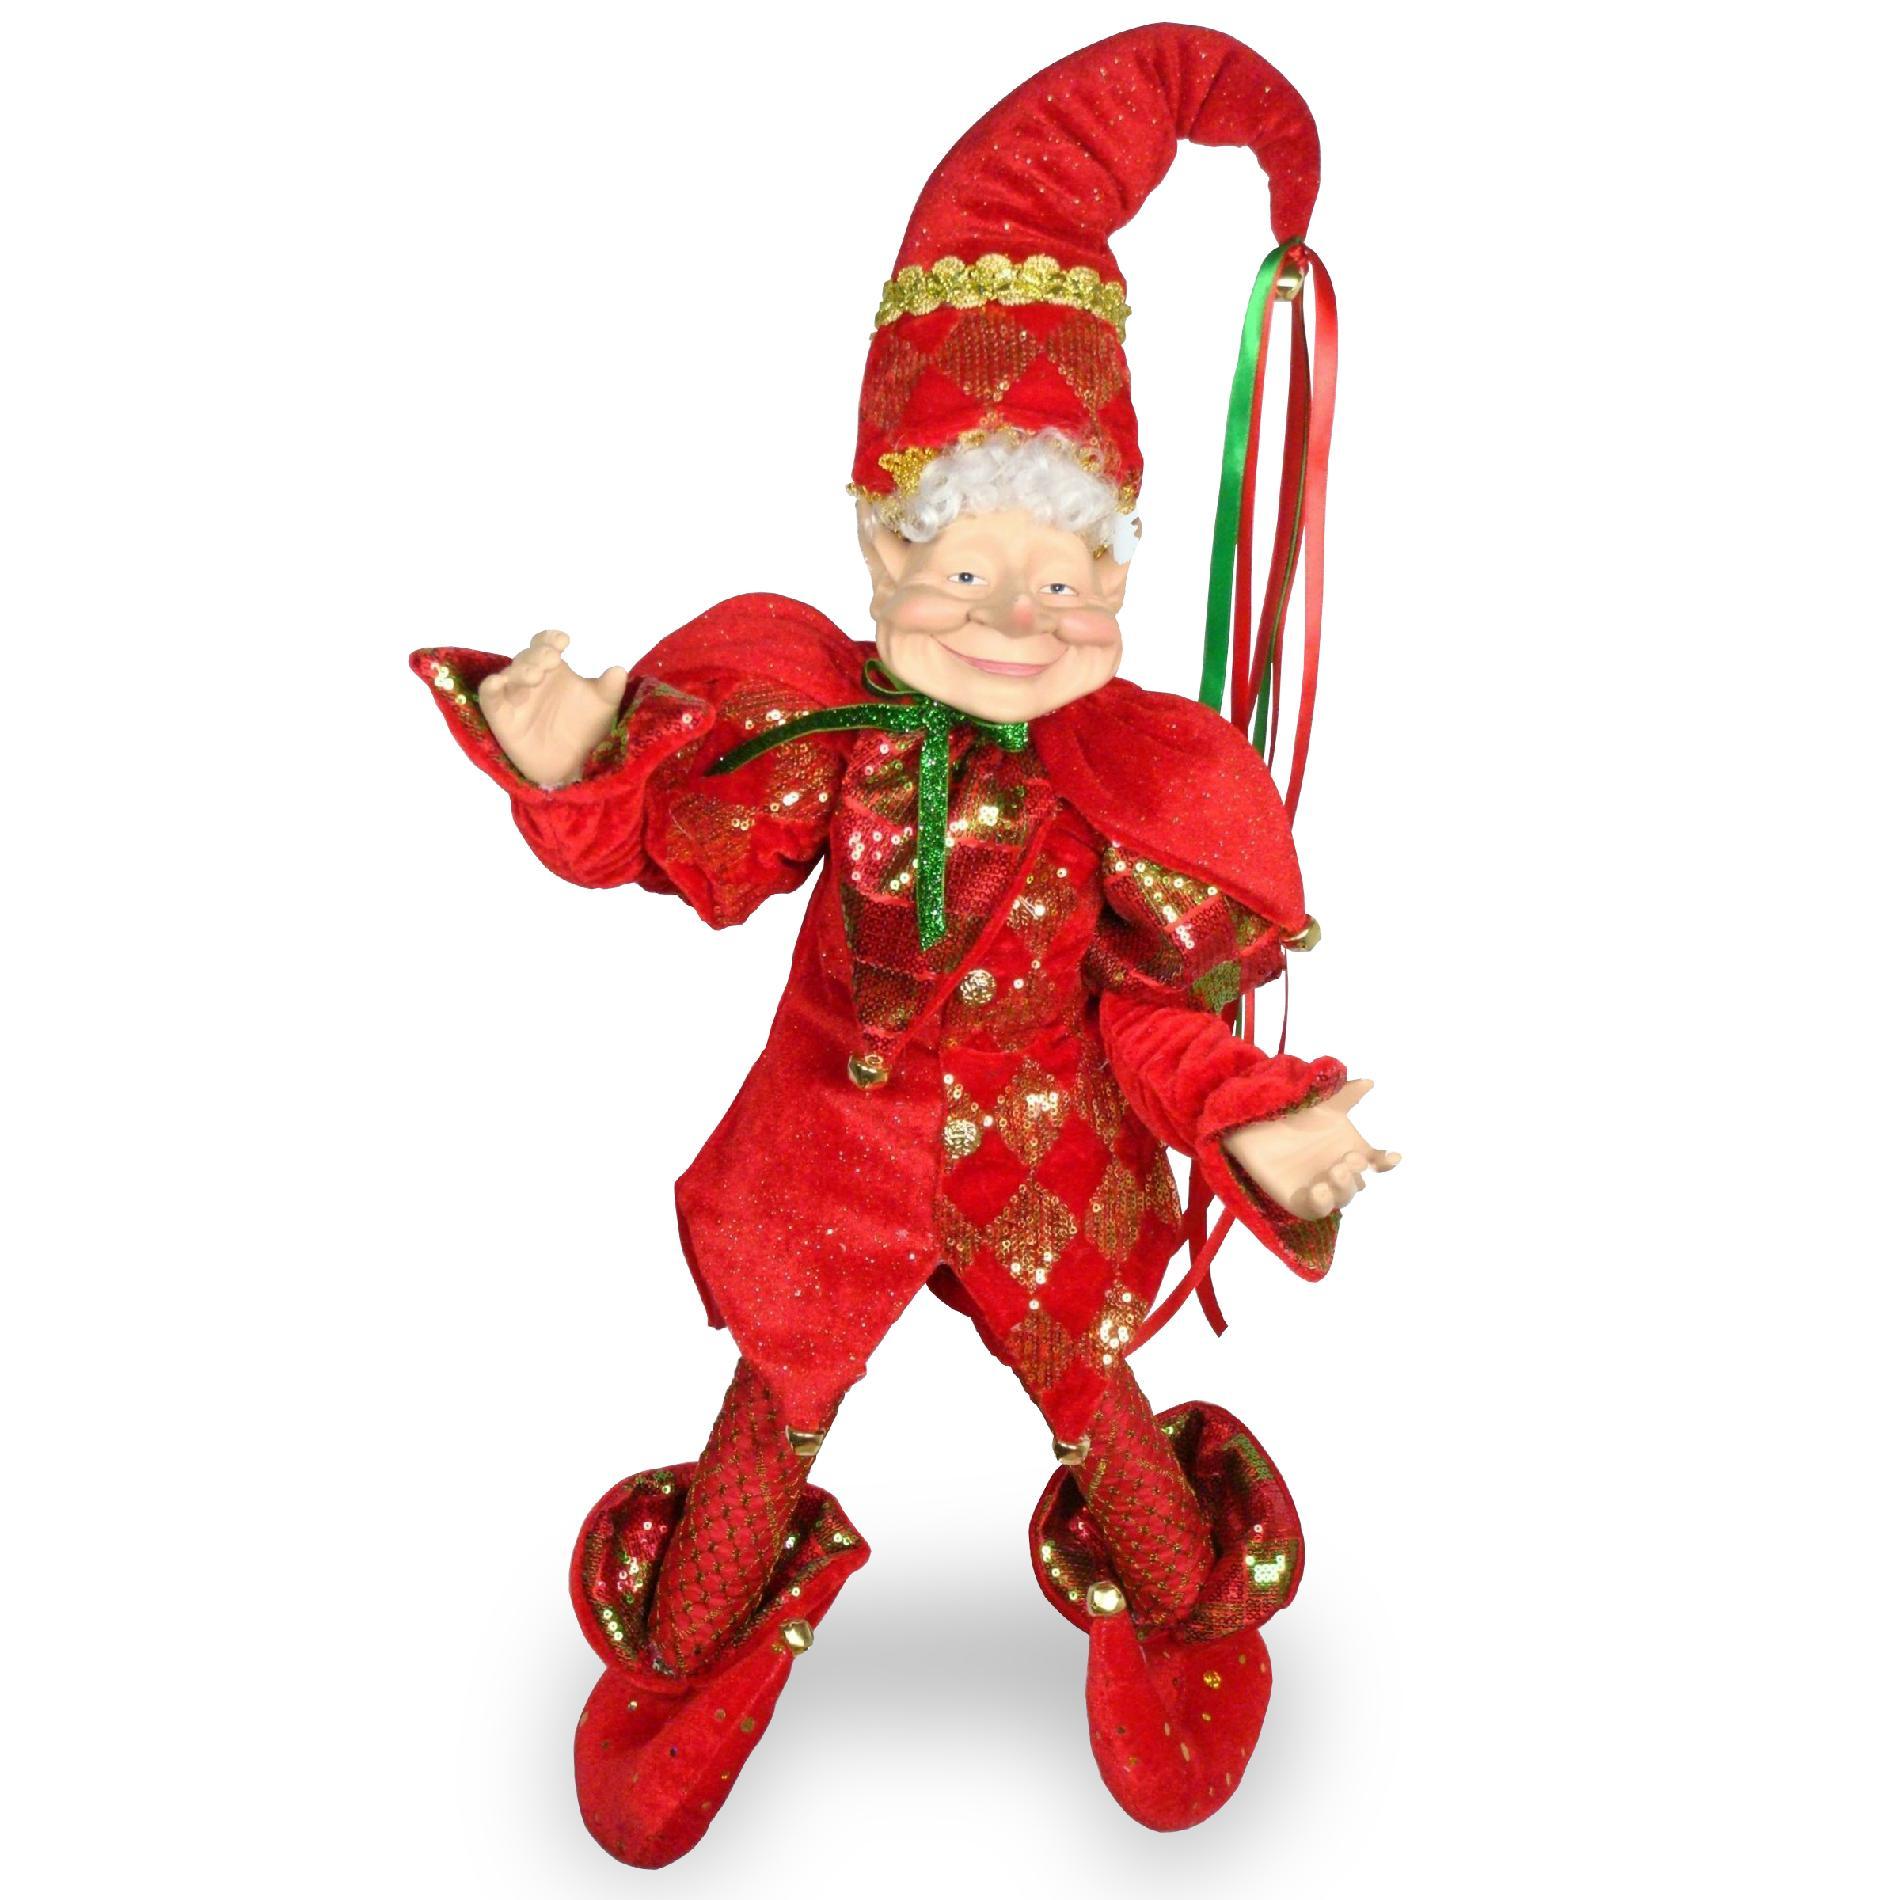 """National Tree Company 22"""" Plush Collection Santa's Elf PartNumber: 07130496000P KsnValue: 07130496000 MfgPartNumber: TP-EF142215"""